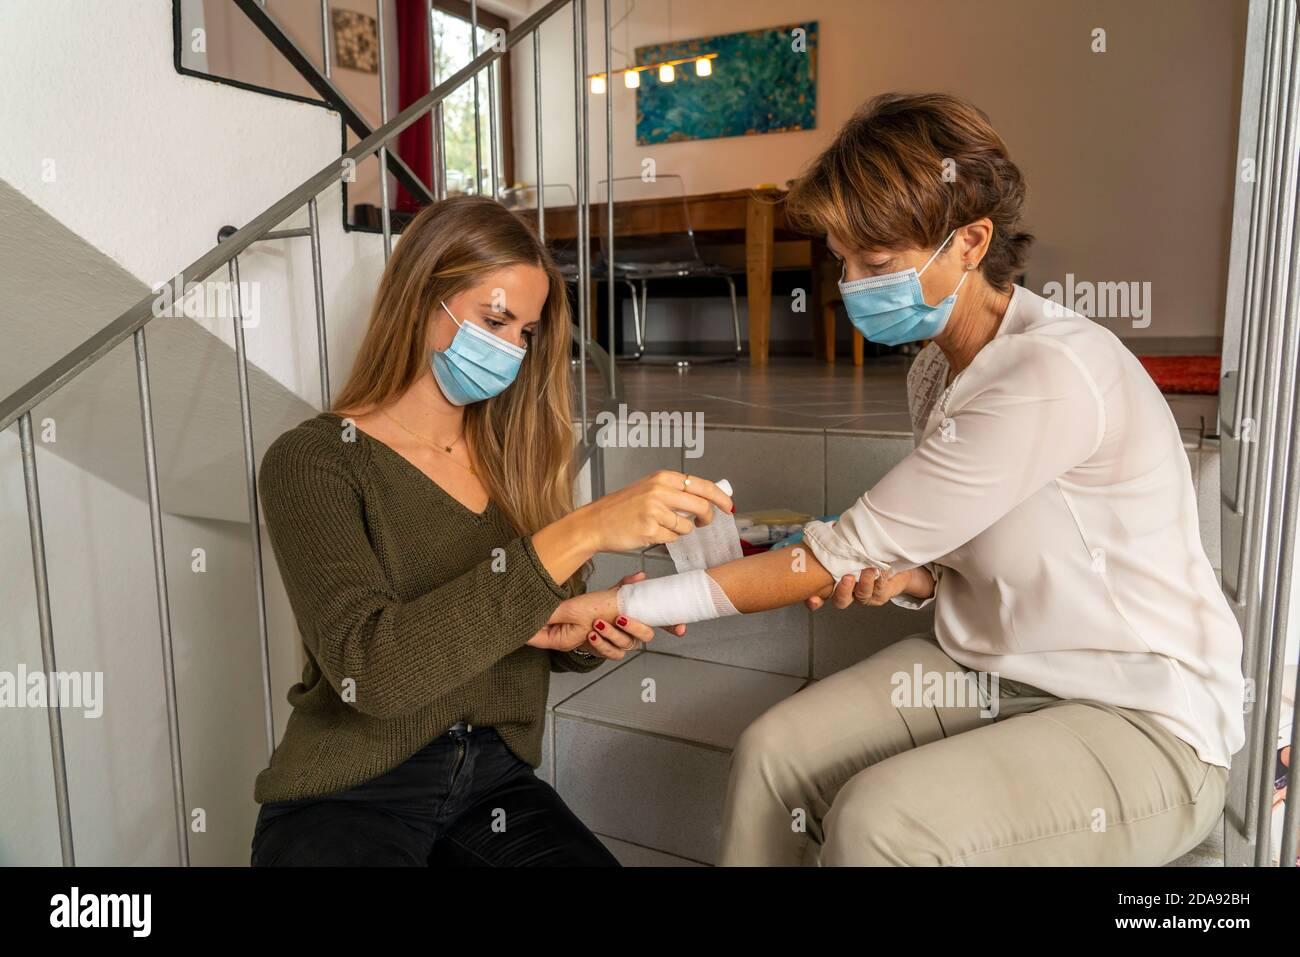 Premiers soins dans des conditions de corona, application d'un bandage, après un accident à la maison, avec un masque de nez et de bouche, lors de l'octroi de premiers soins Banque D'Images